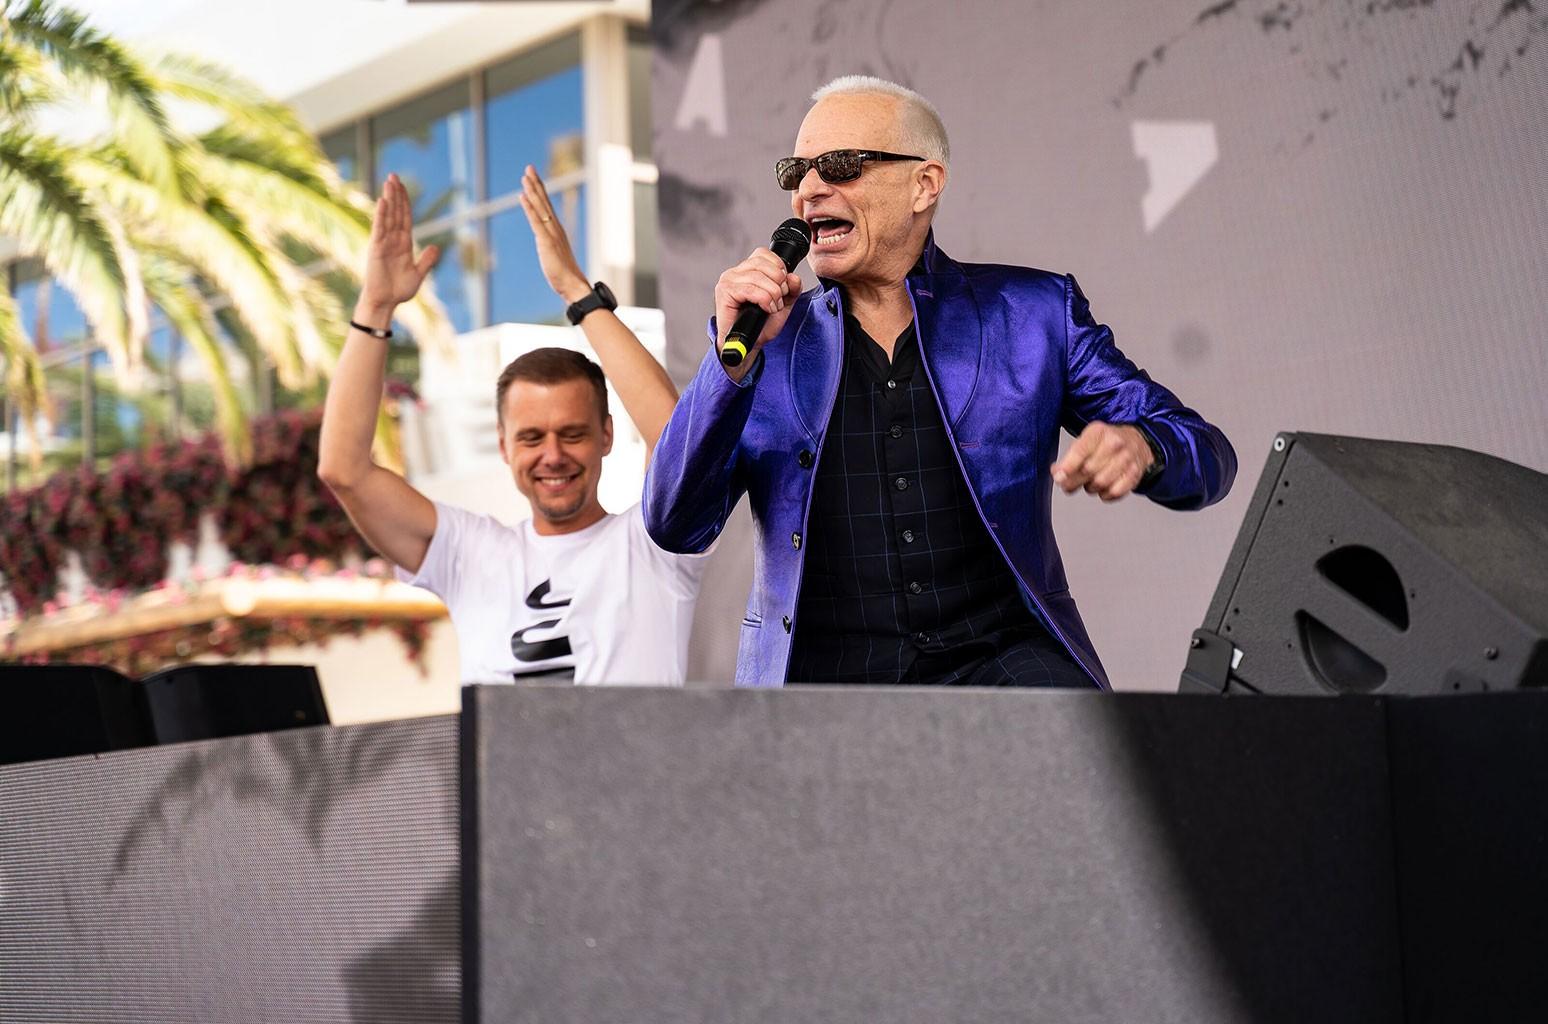 David Lee Roth x Armin van Buuren